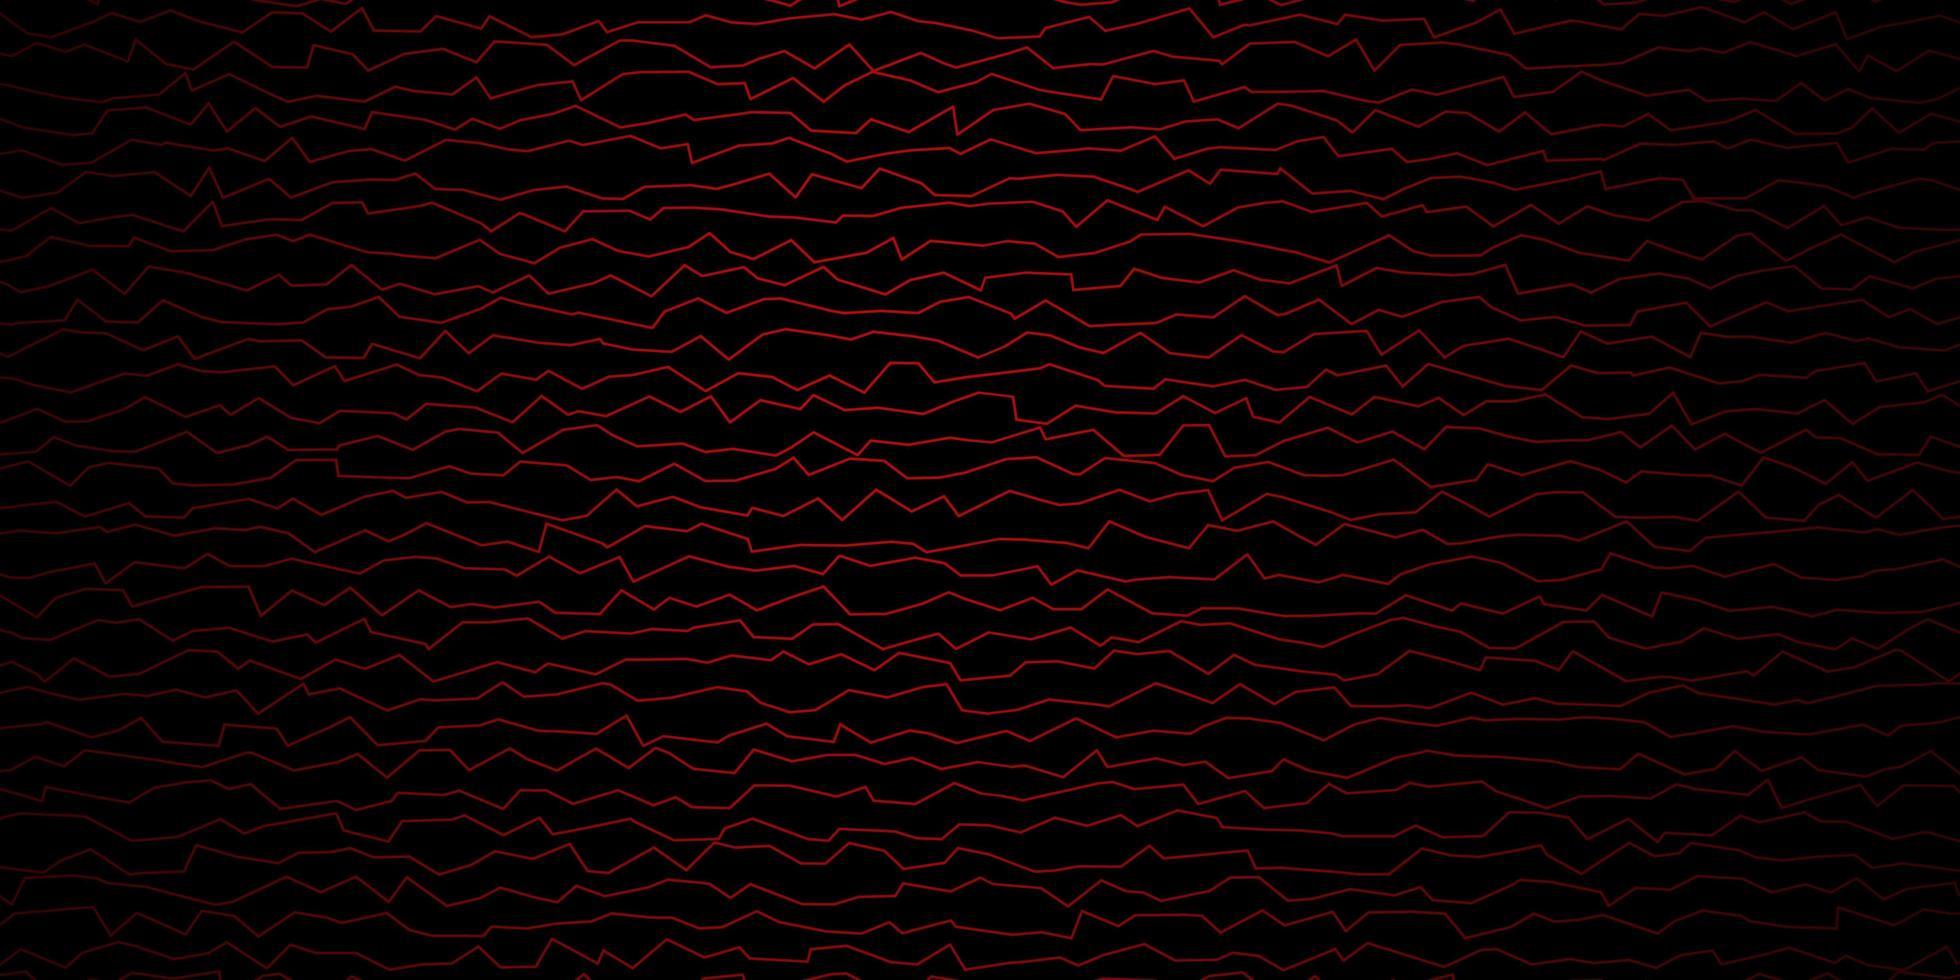 layout de vetor vermelho escuro com arco circular.